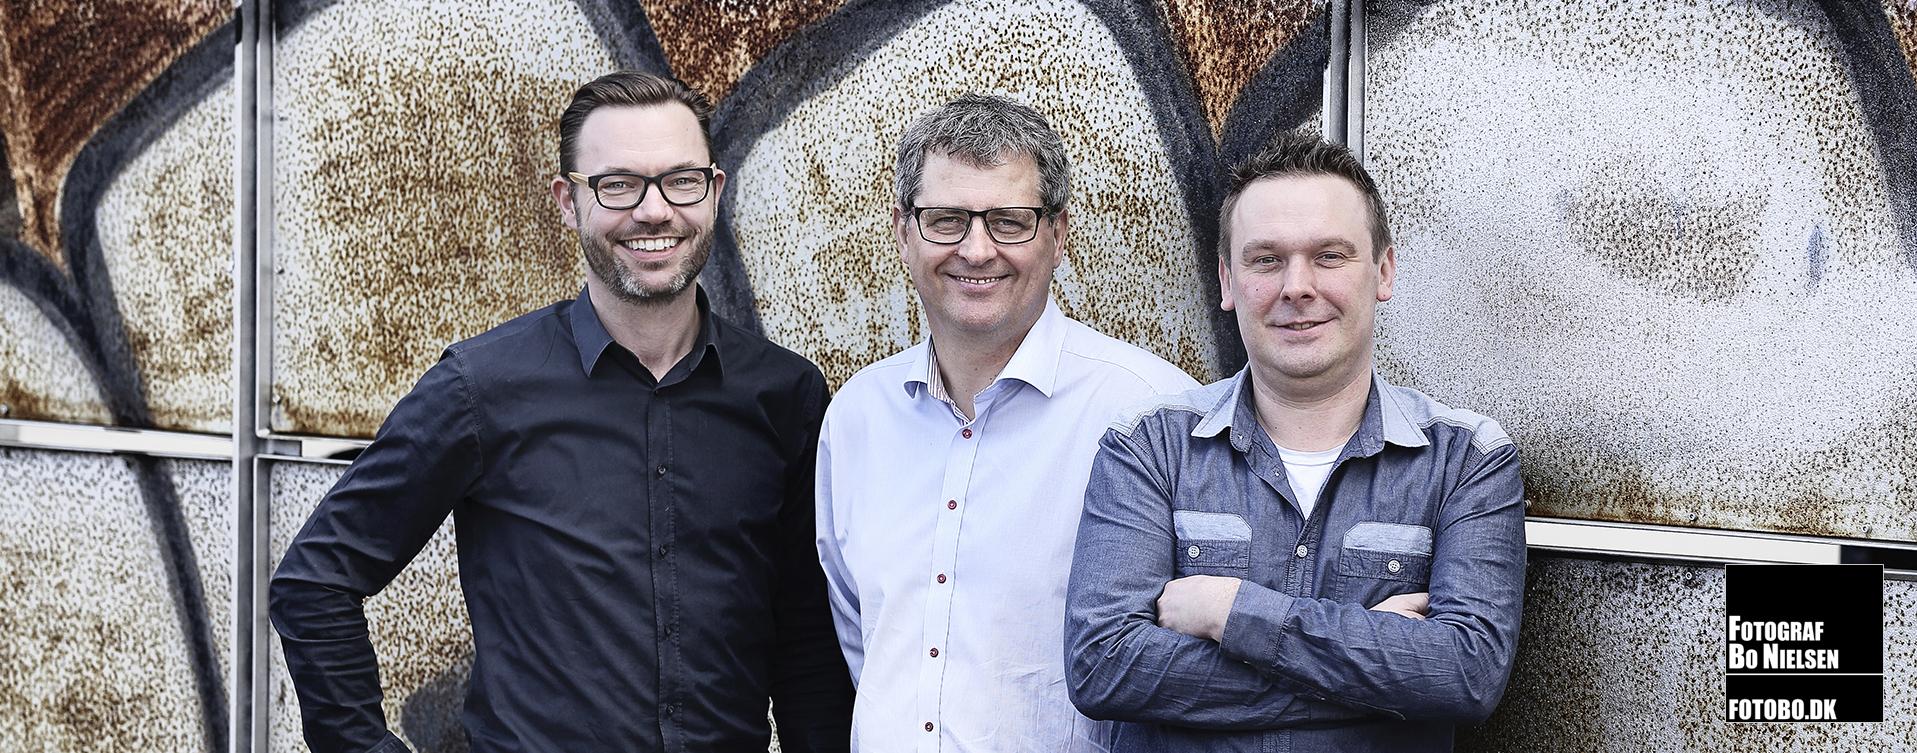 Erhvervs portræt af personale på reklamebureau , af fotograf Kolding, Fotograf Bo Nielsen